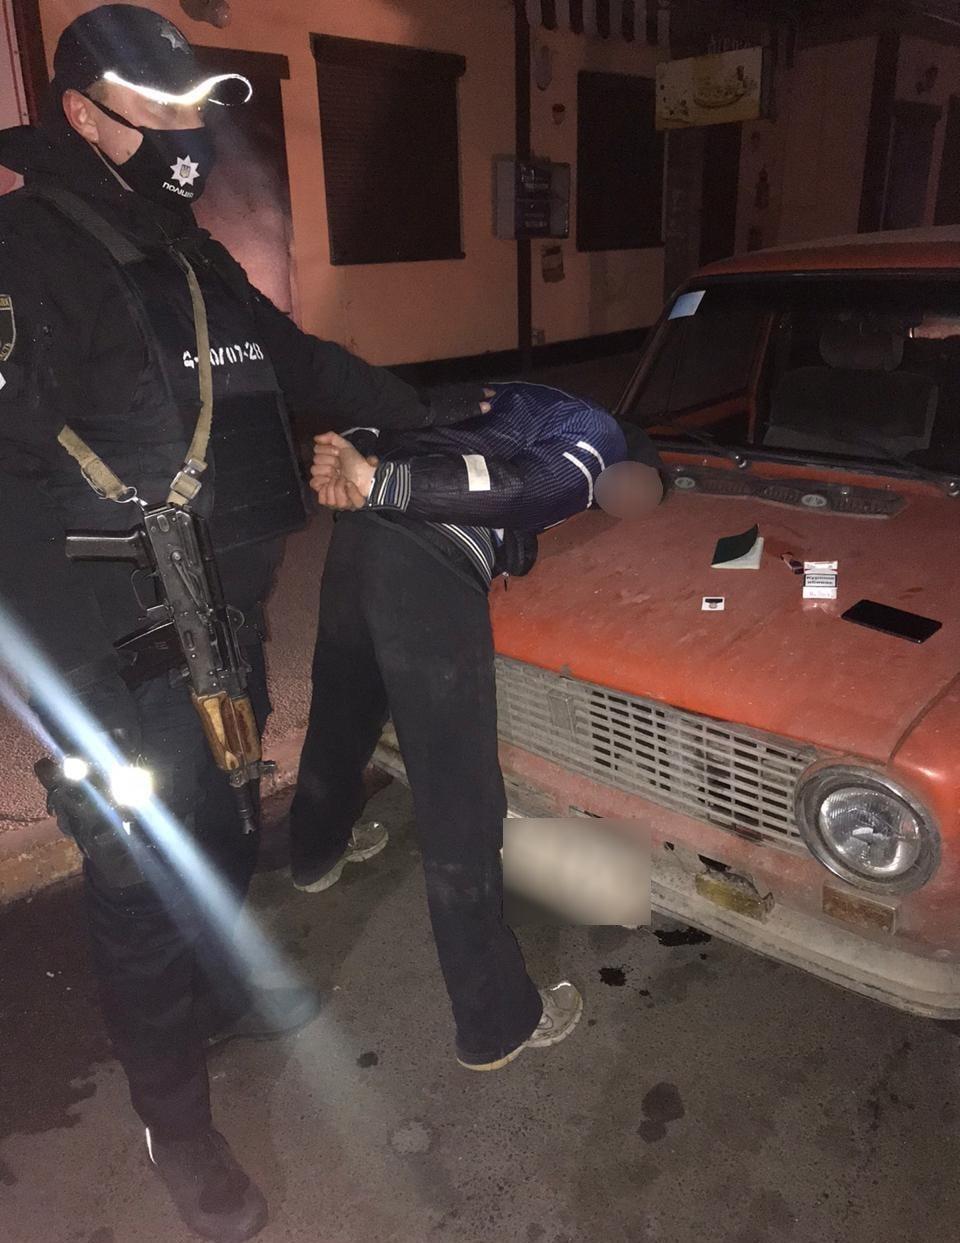 Фейсбук у поміч: неадекватна їзда у Василькові покарана - Поліція, наркотики, Кримінальна відповідальність, водій-порушник, адміністративна відповідальність - 130308299 841195866643650 5972141593877357957 o